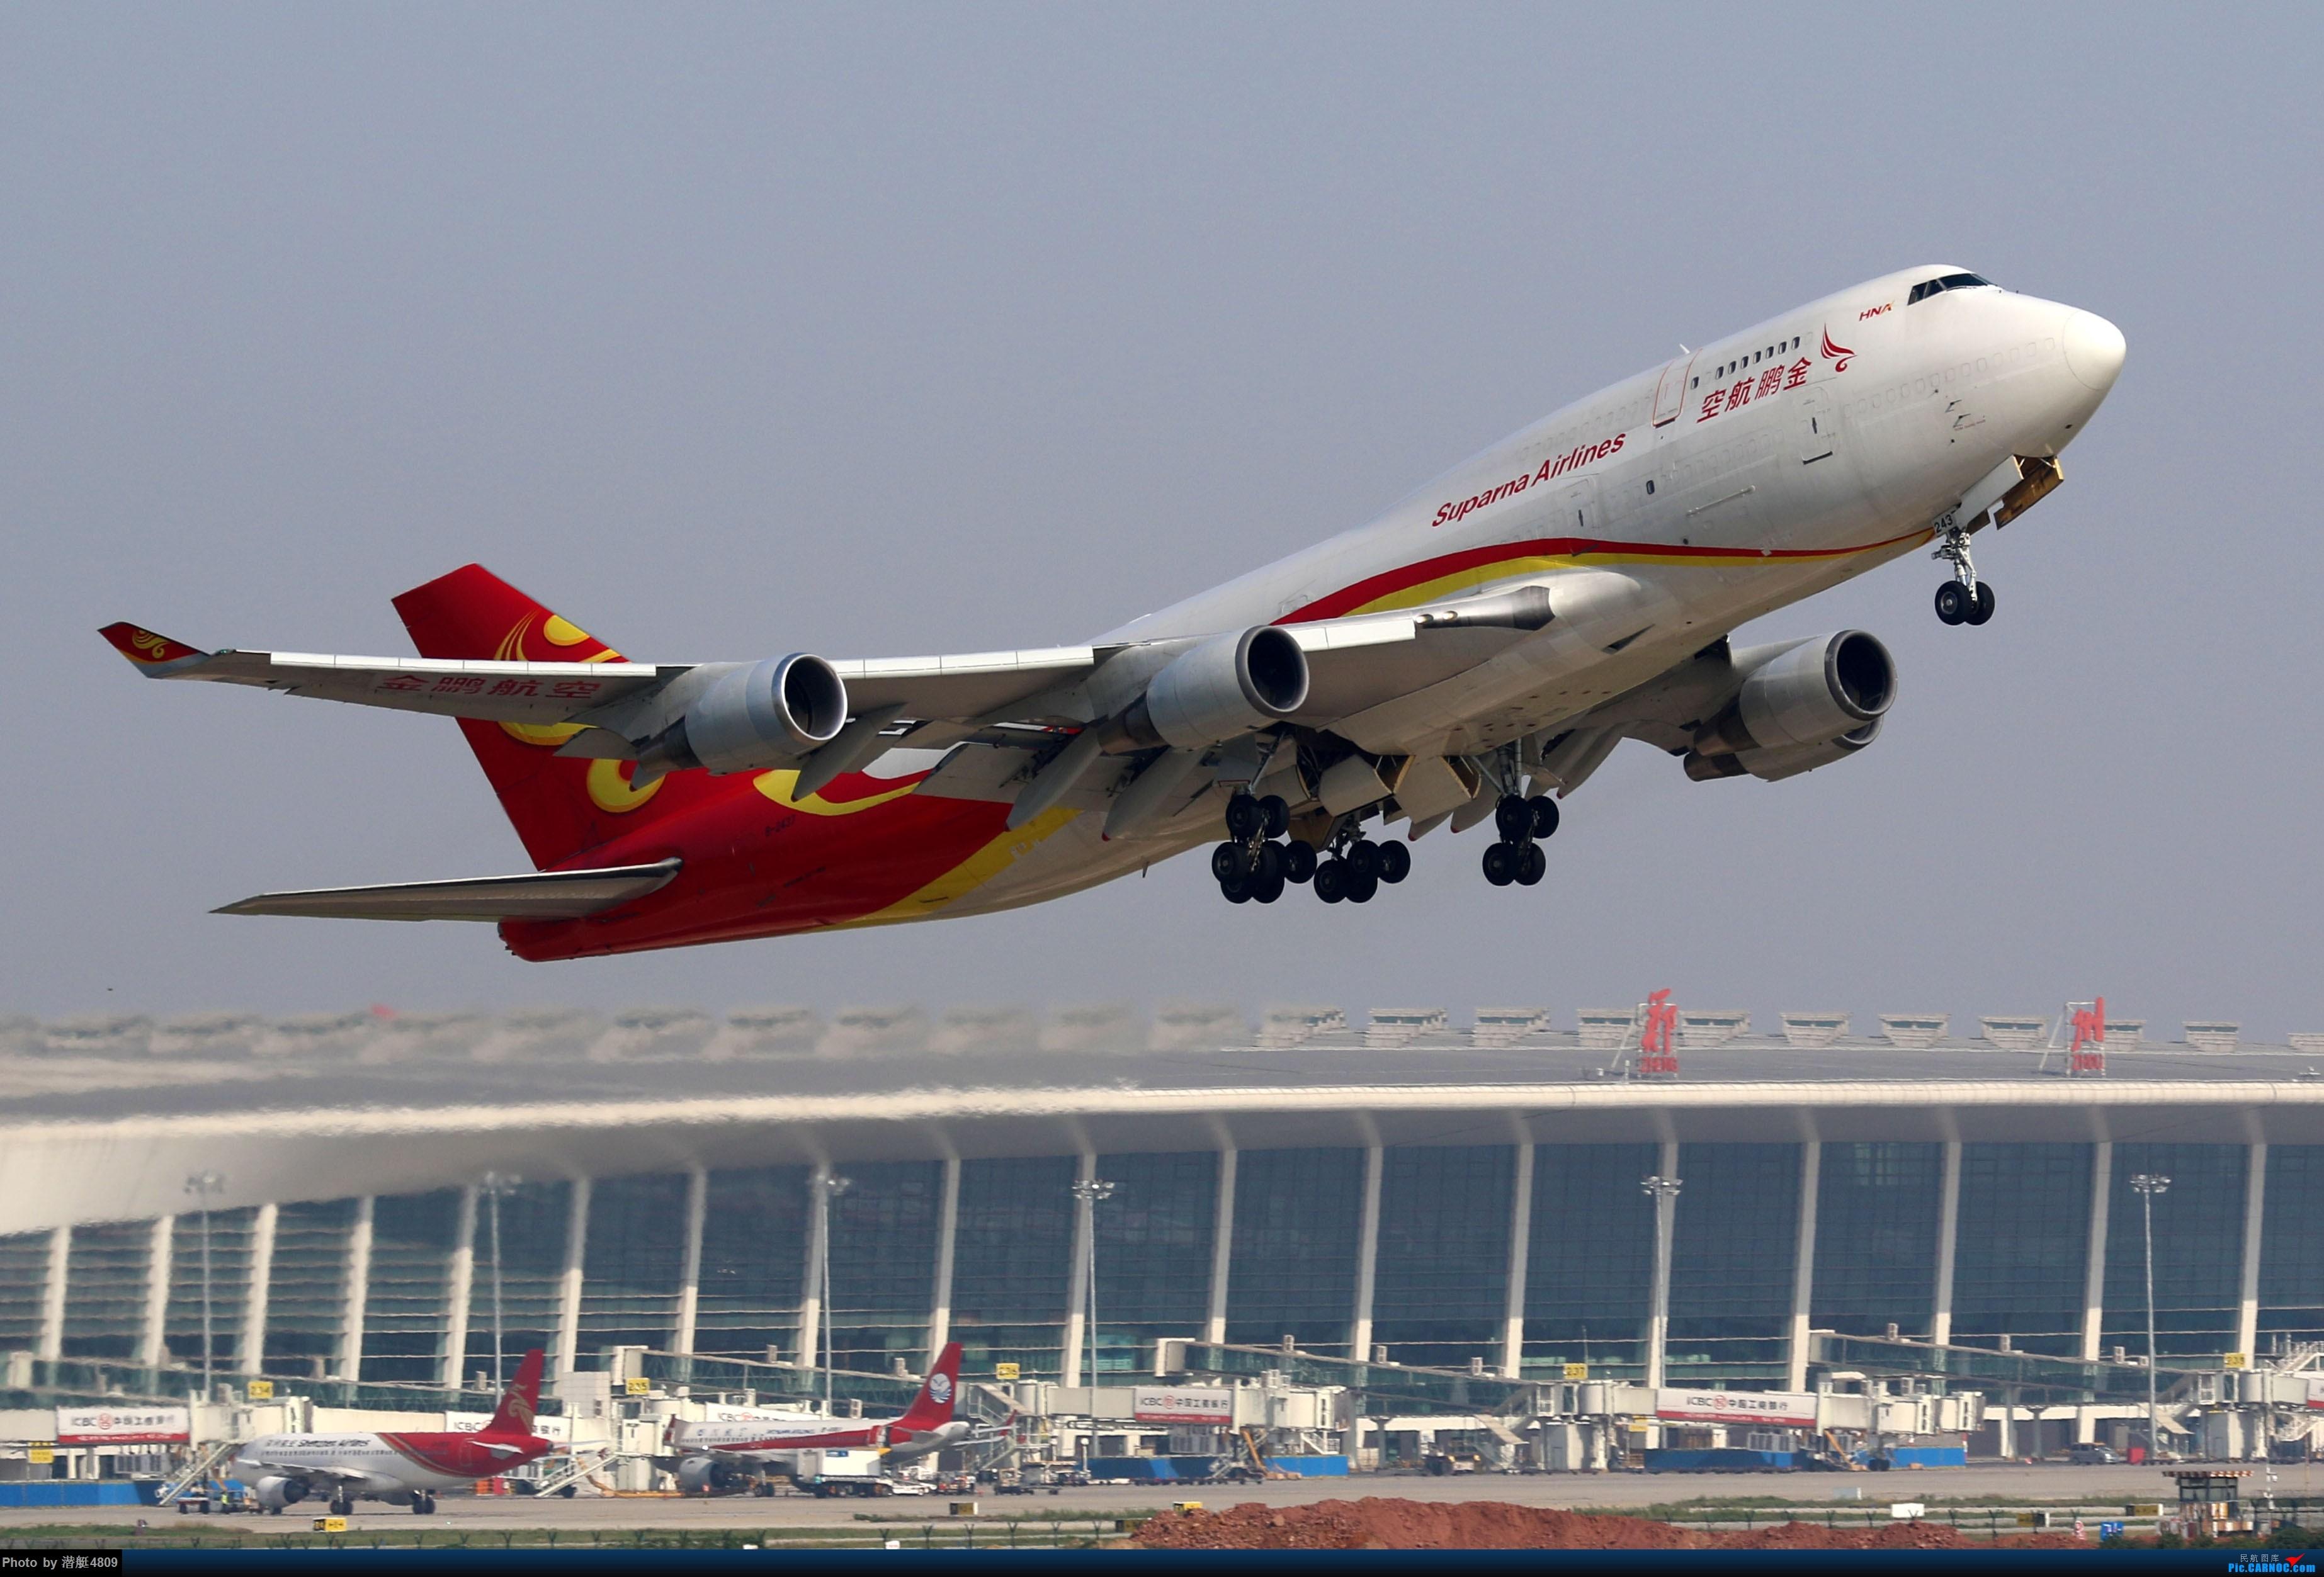 Re:[原创]【郑州飞友会】郑克雷奇货机集锦 BOEING 747-400 B-2437 中国郑州新郑国际机场